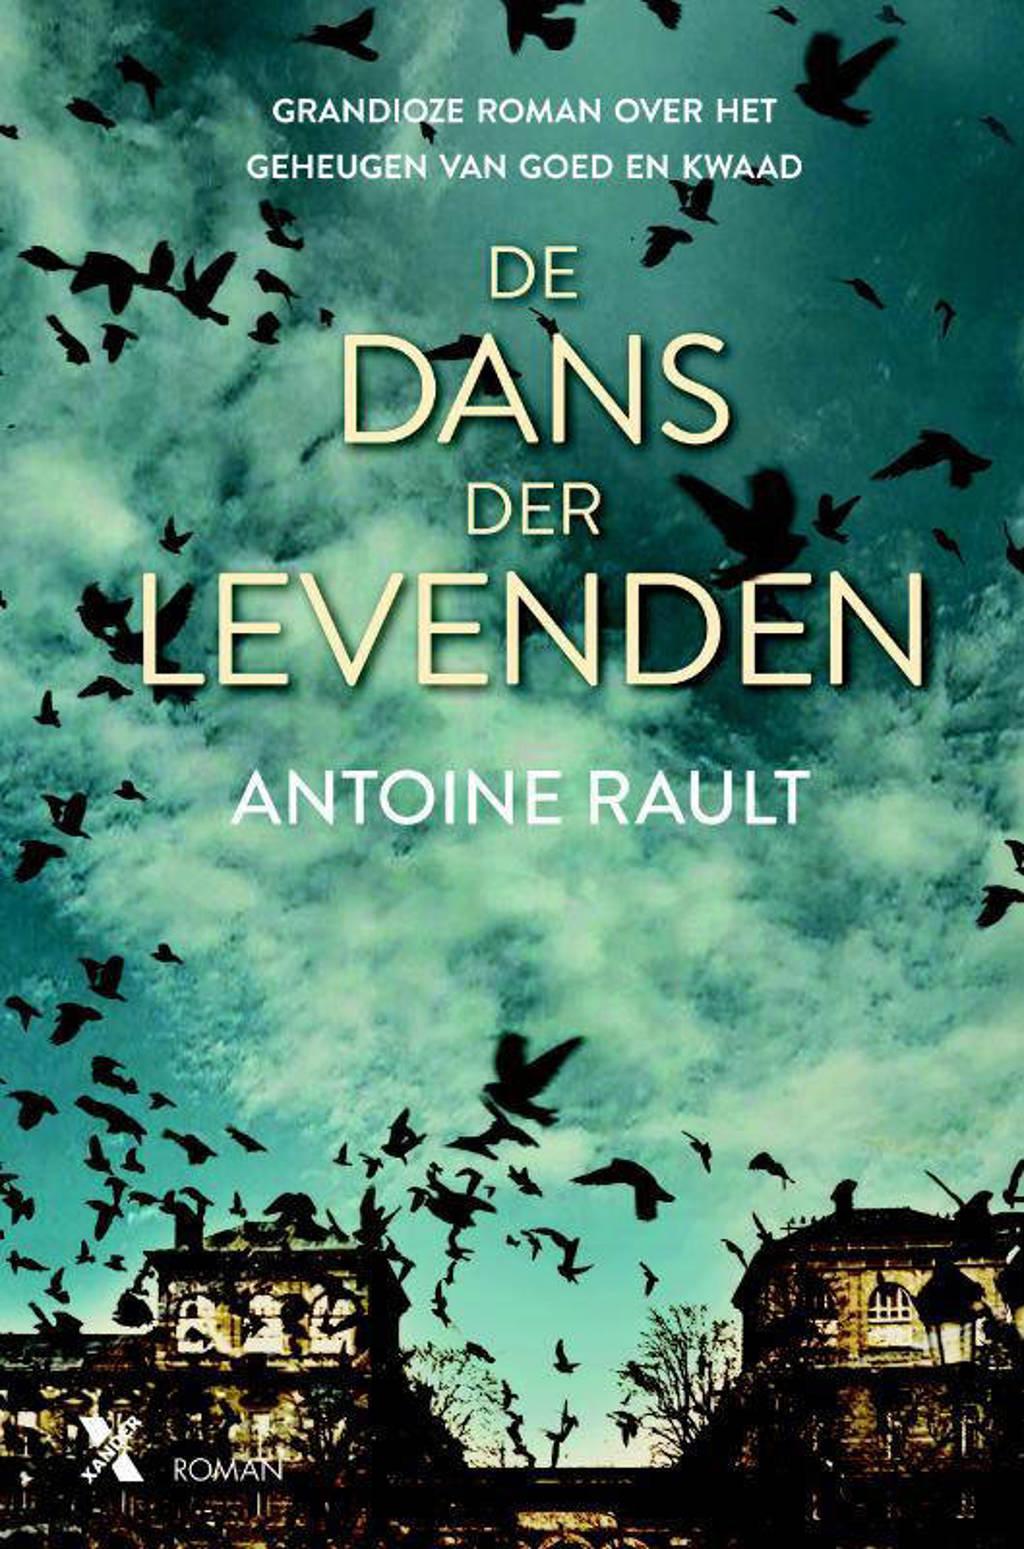 De dans der levenden - Antoine Rault